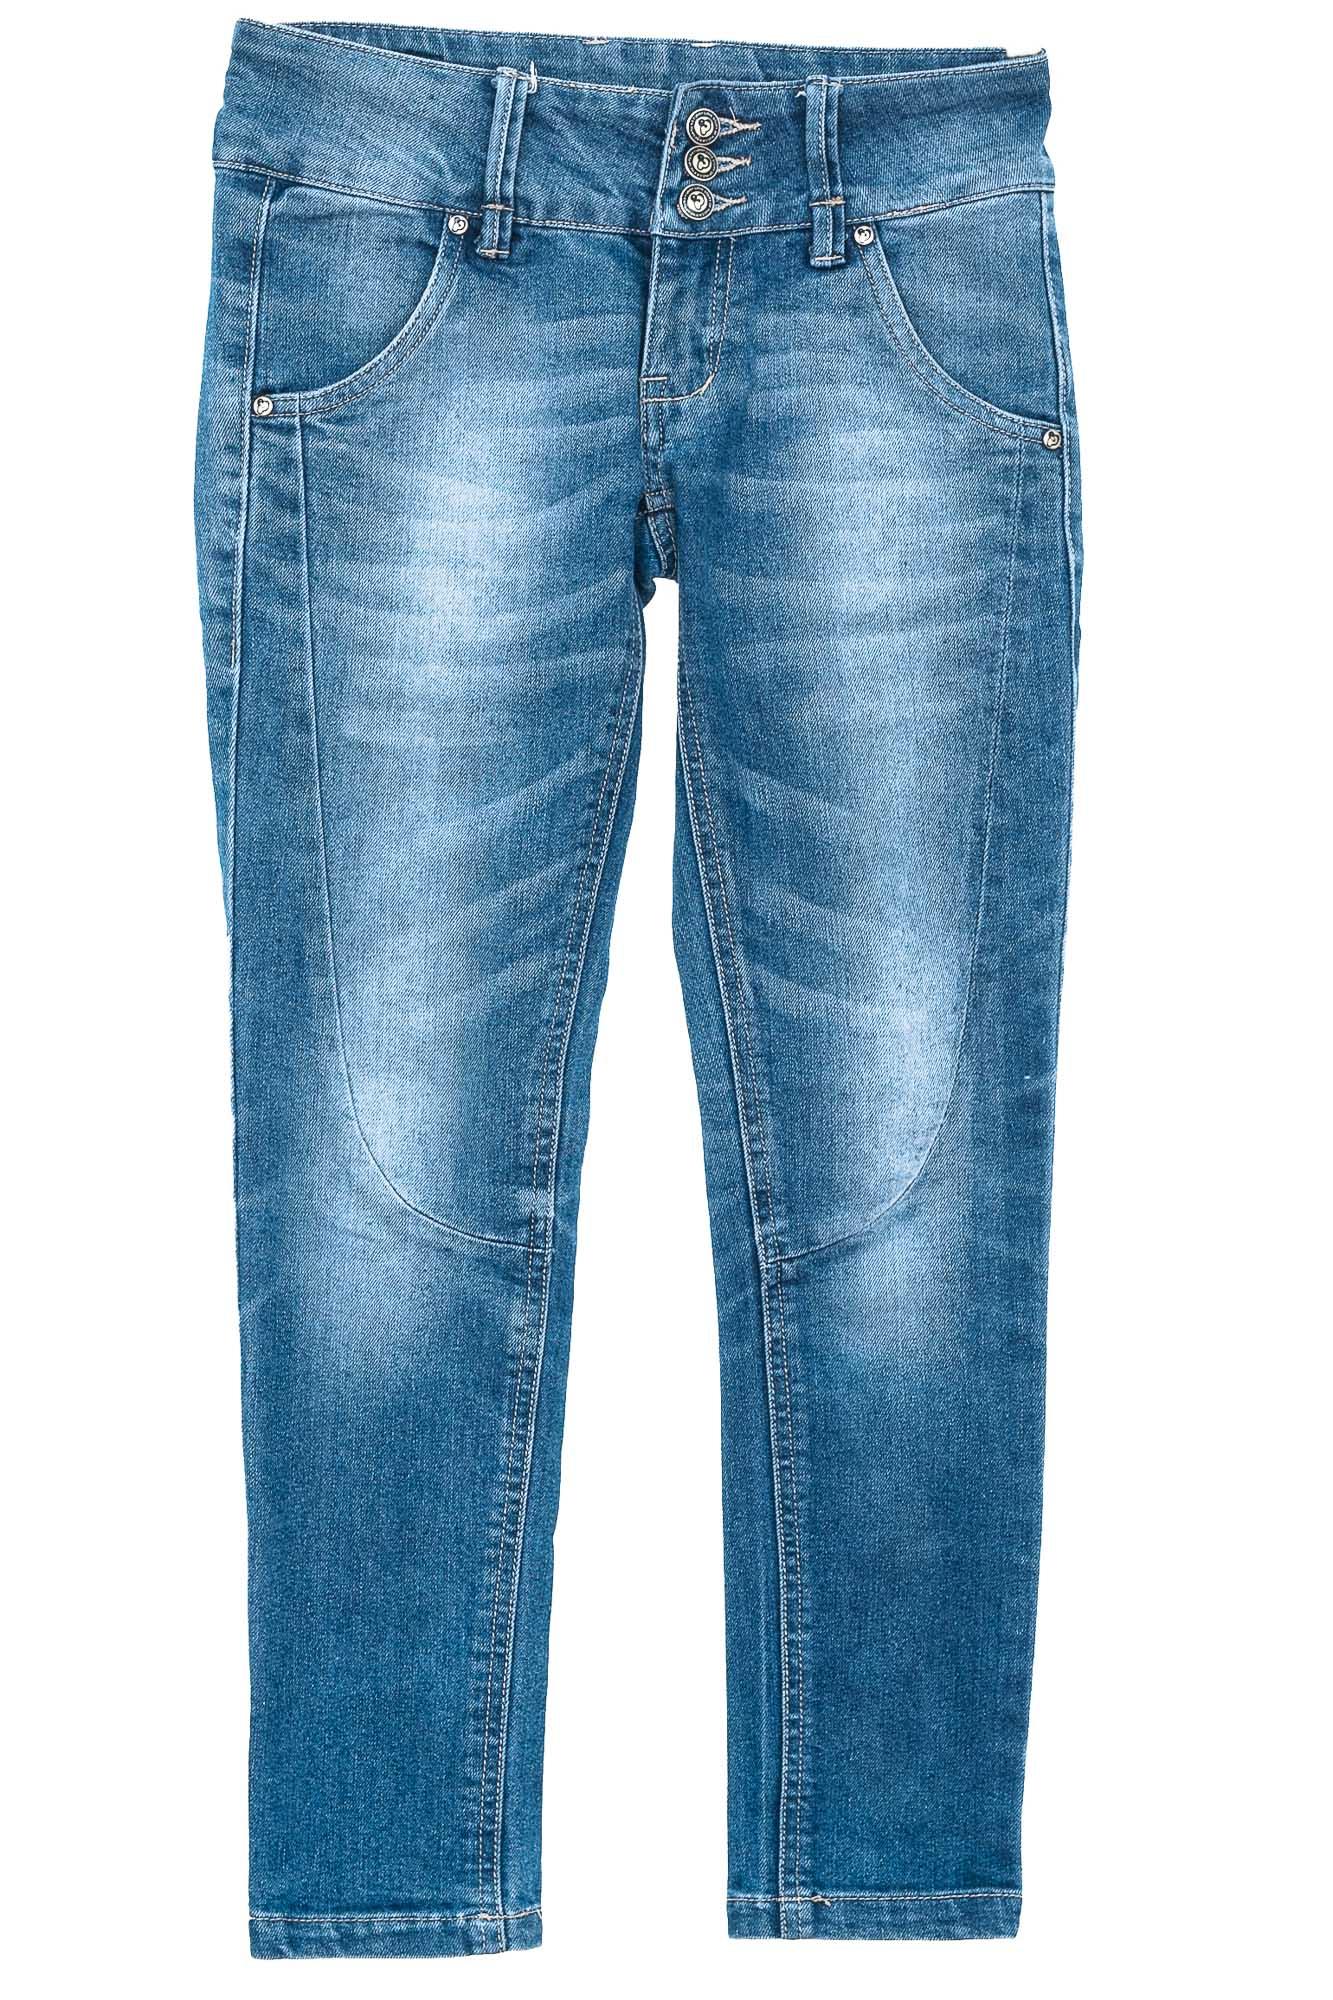 Pantalón Jeans color Azul - Show Must Go Oni